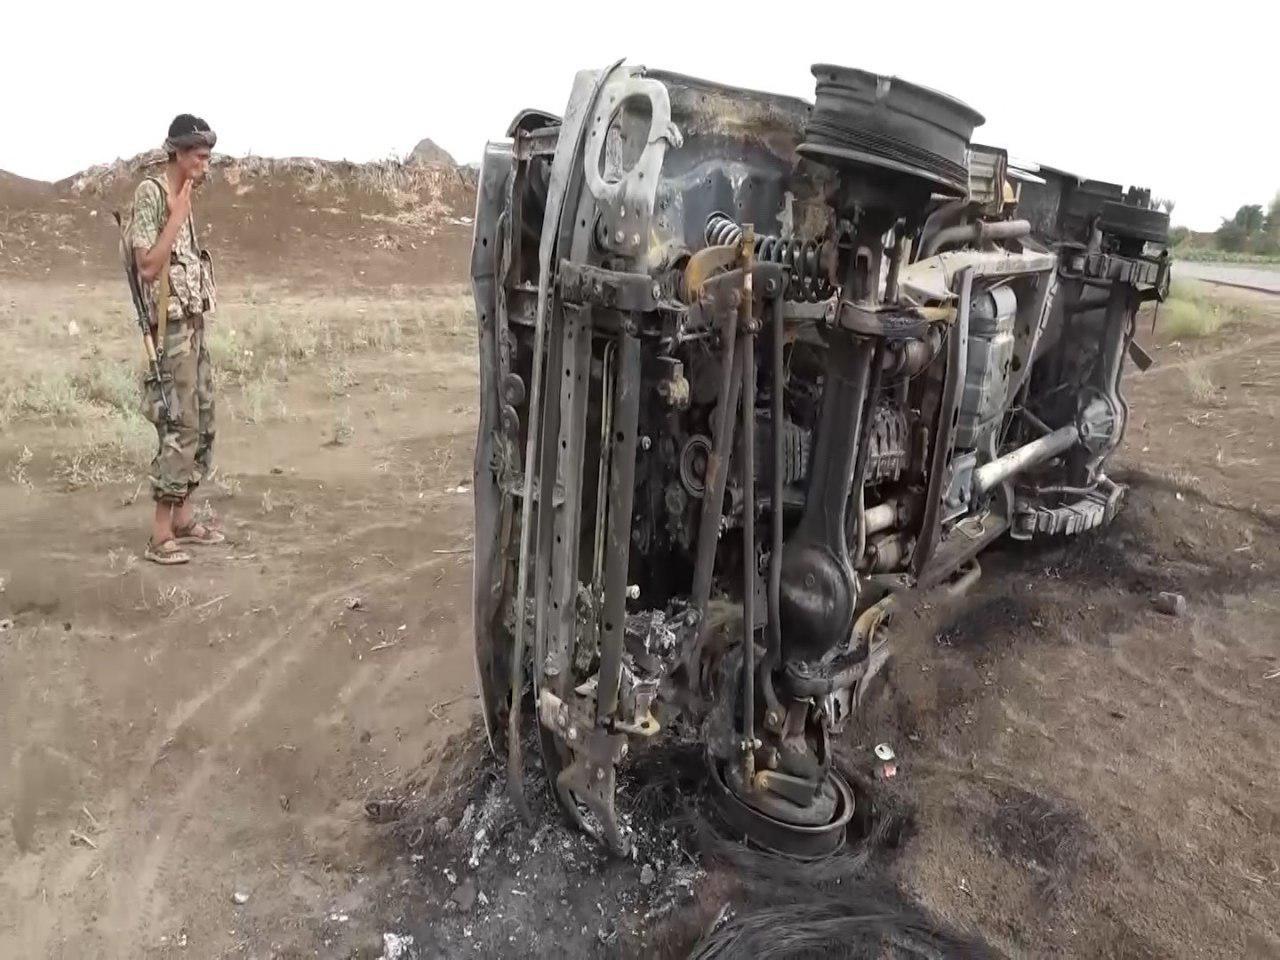 آخرین تحولات میدانی غرب یمن؛ جزئیات خروج منطقه راهبردی «جبلیه» از اشغال نیرویهای شورشی+ تصاویر و نقشه میدانی